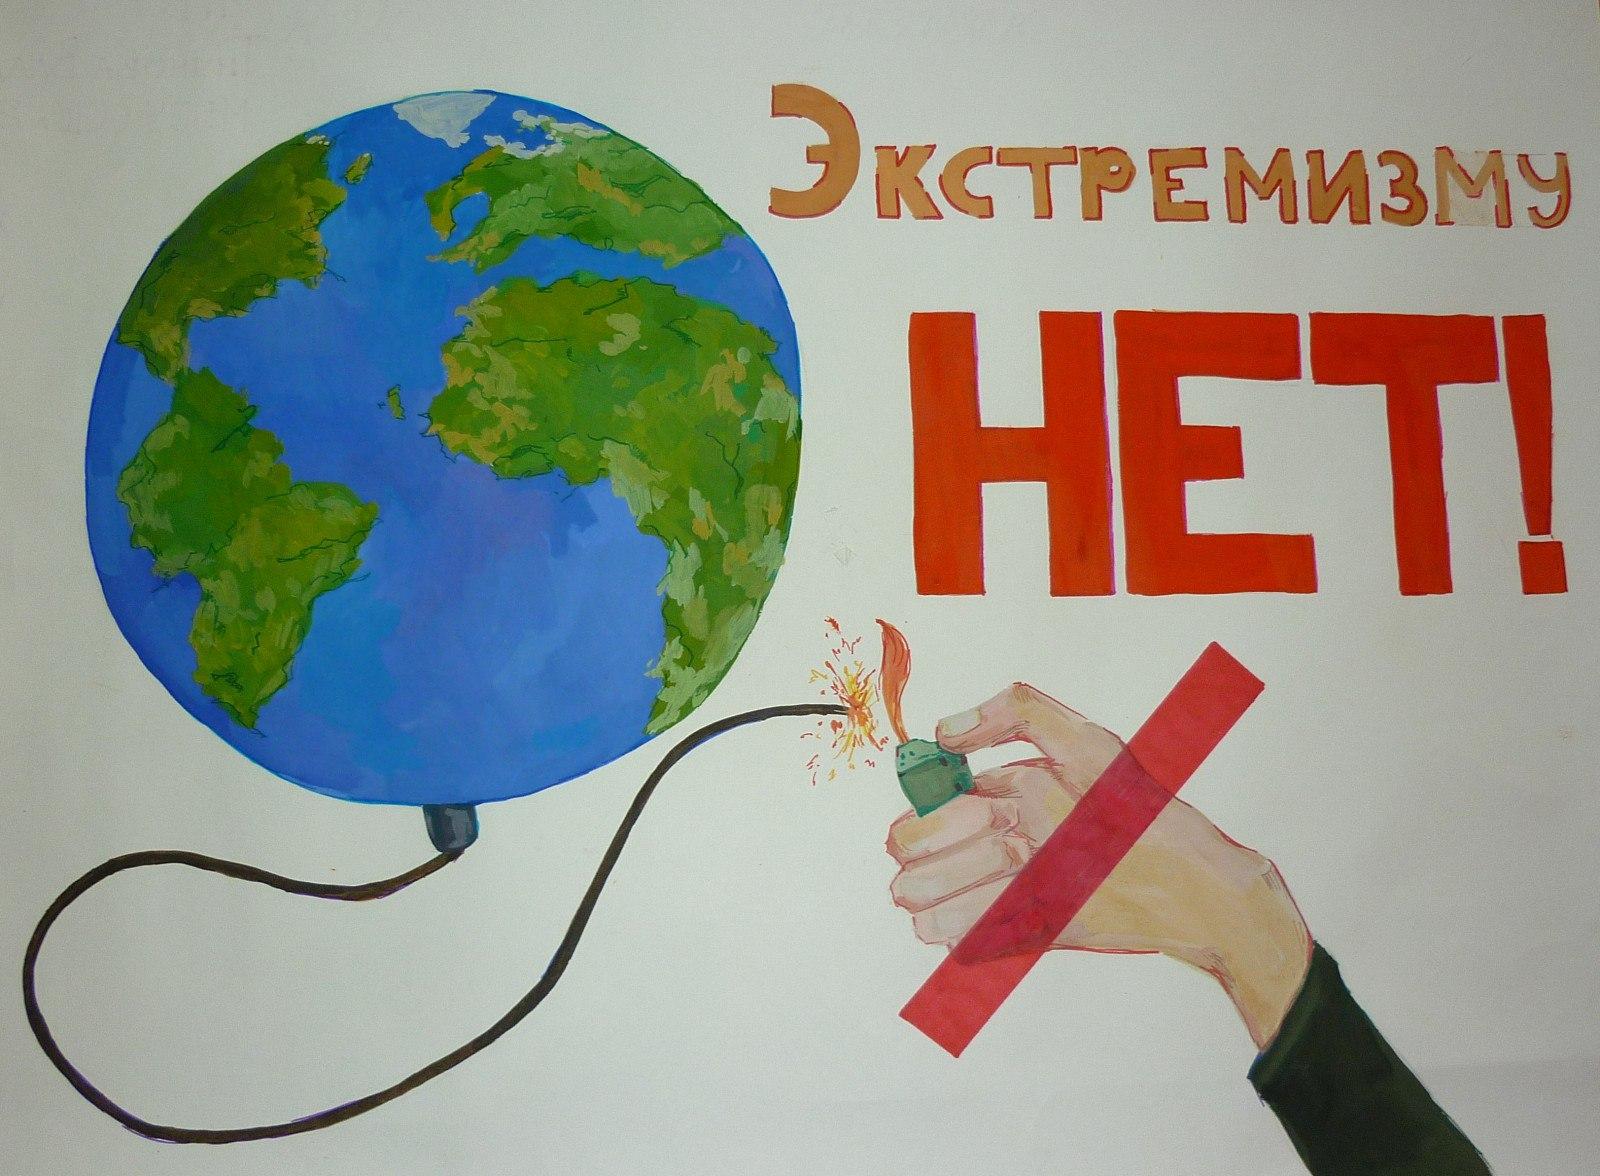 Сказали экстремизму - НЕТ